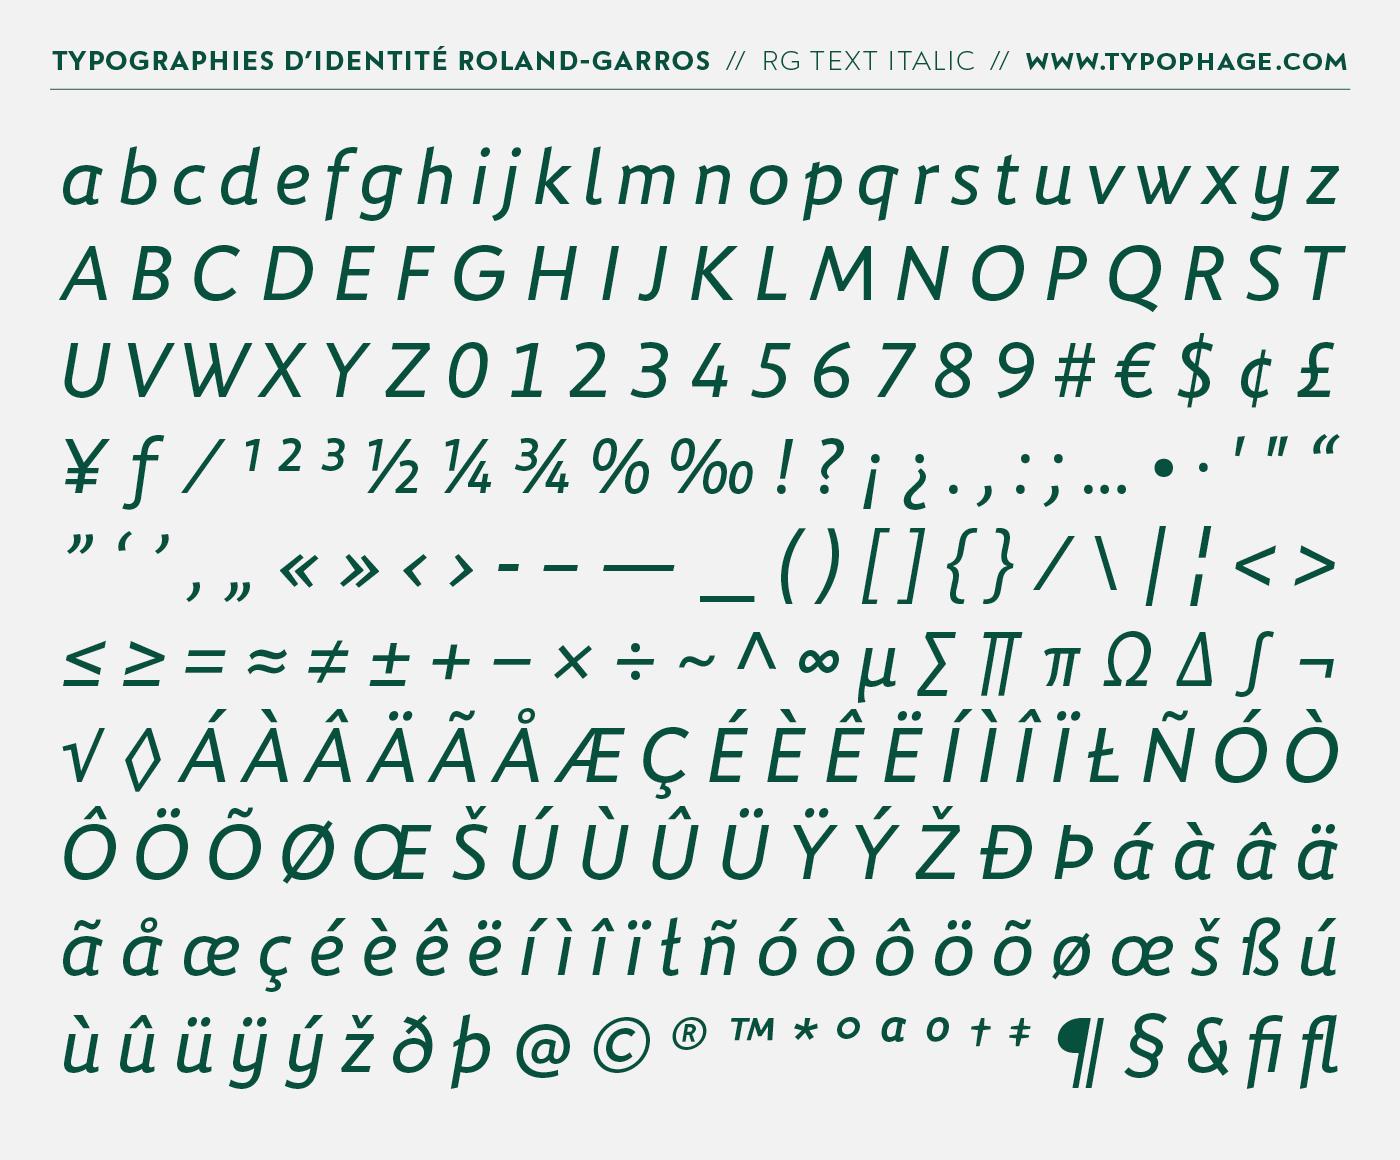 Typographies exclusives pour Roland-Garros par Christophe Badani - www.typophage.com